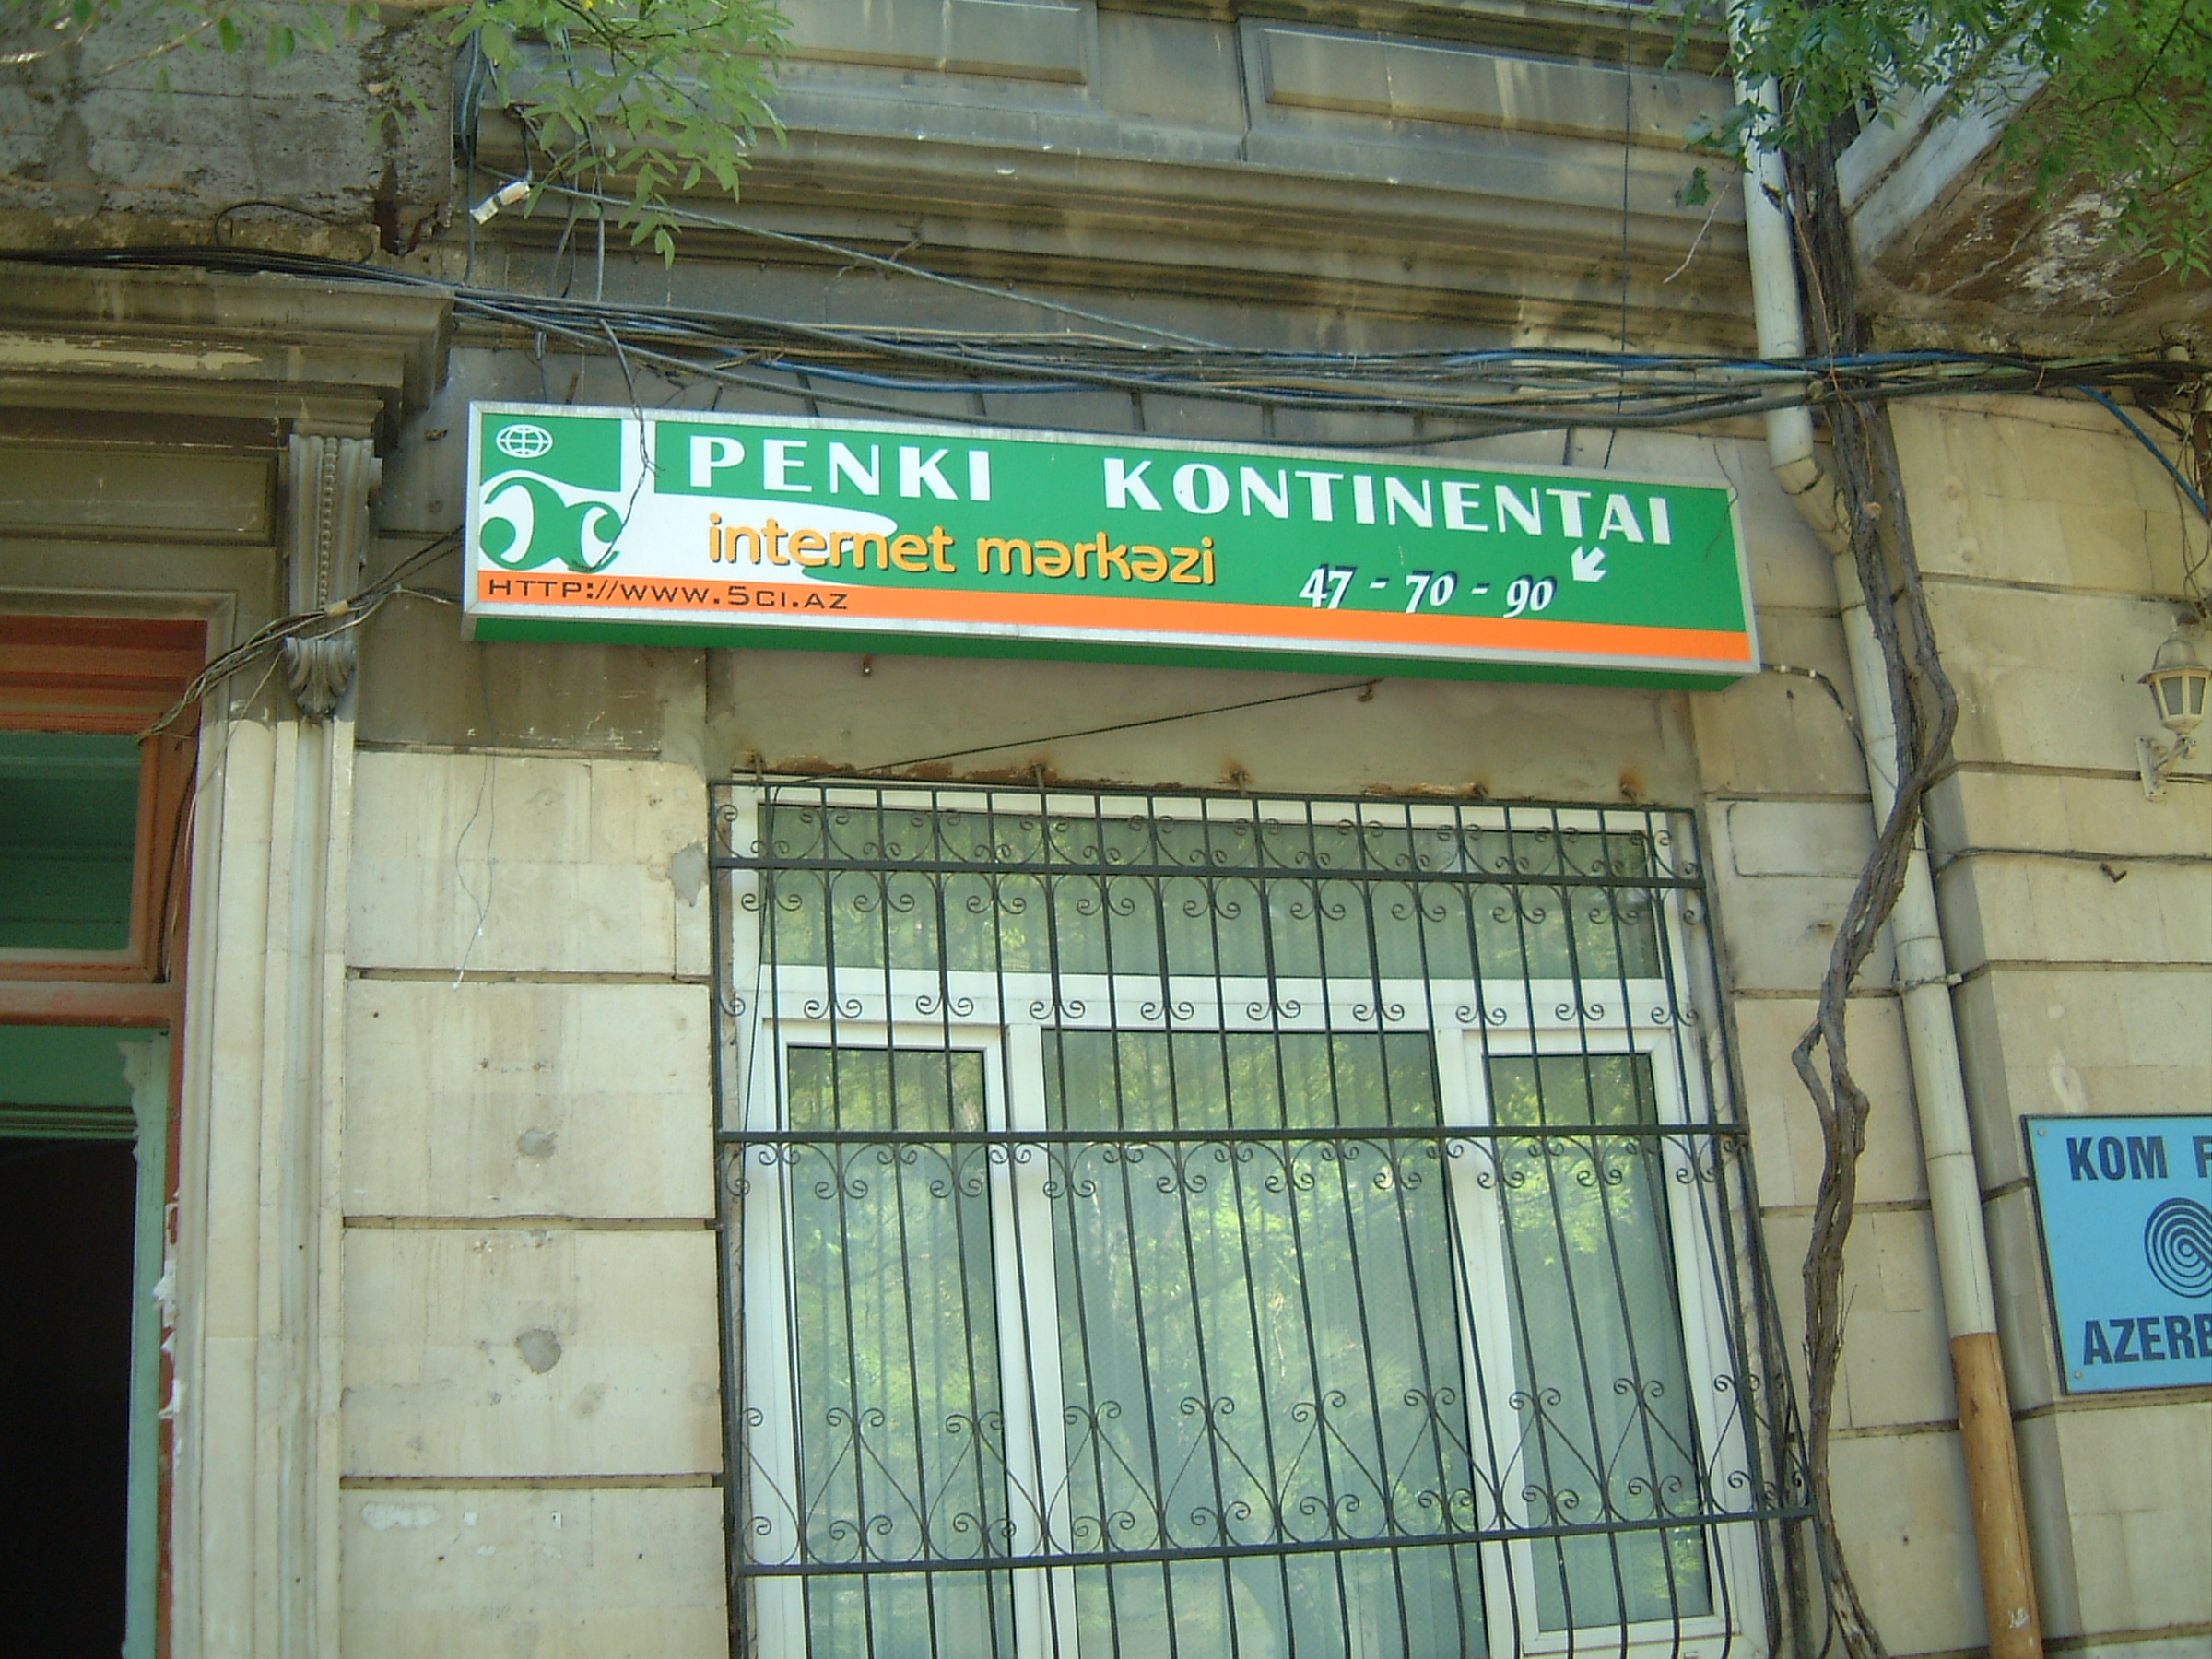 Lietuviški bankiniai sprendimai prigyja ir Azerbaidžane